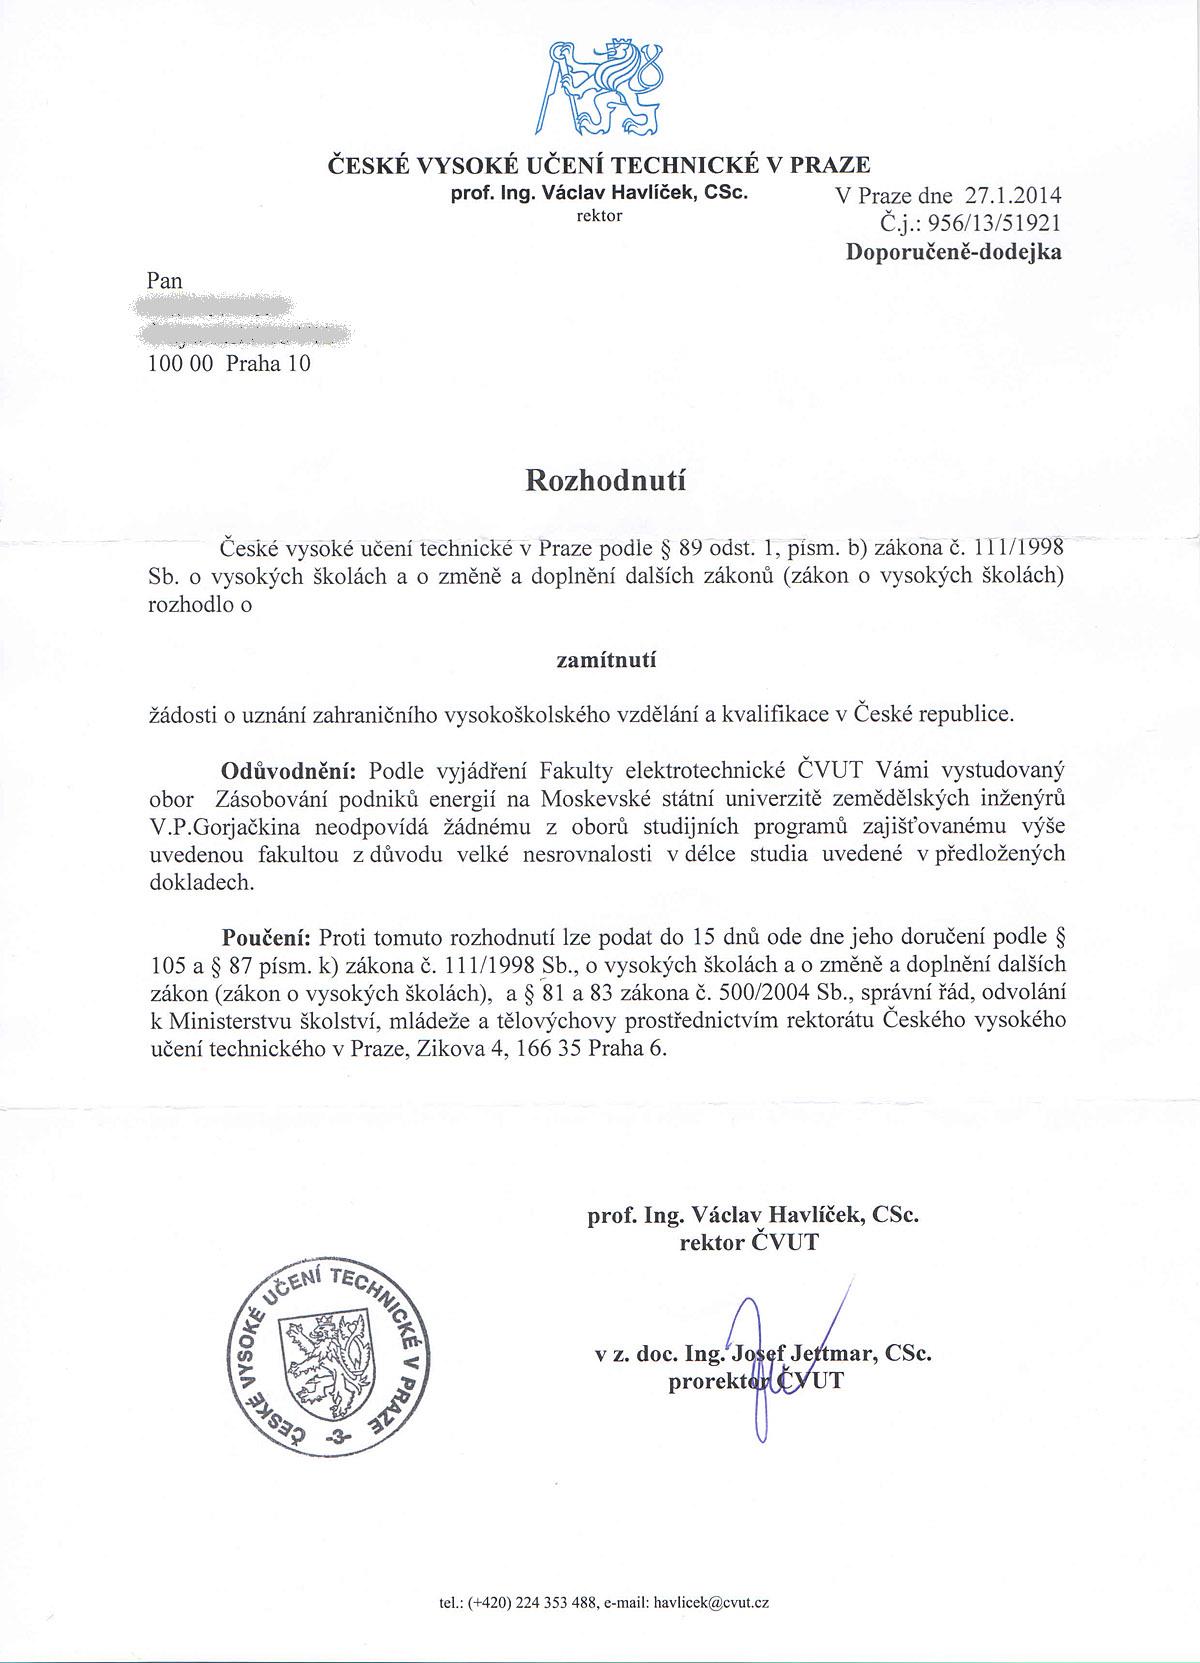 Отказ в признании российского диплома в ЧВУТ